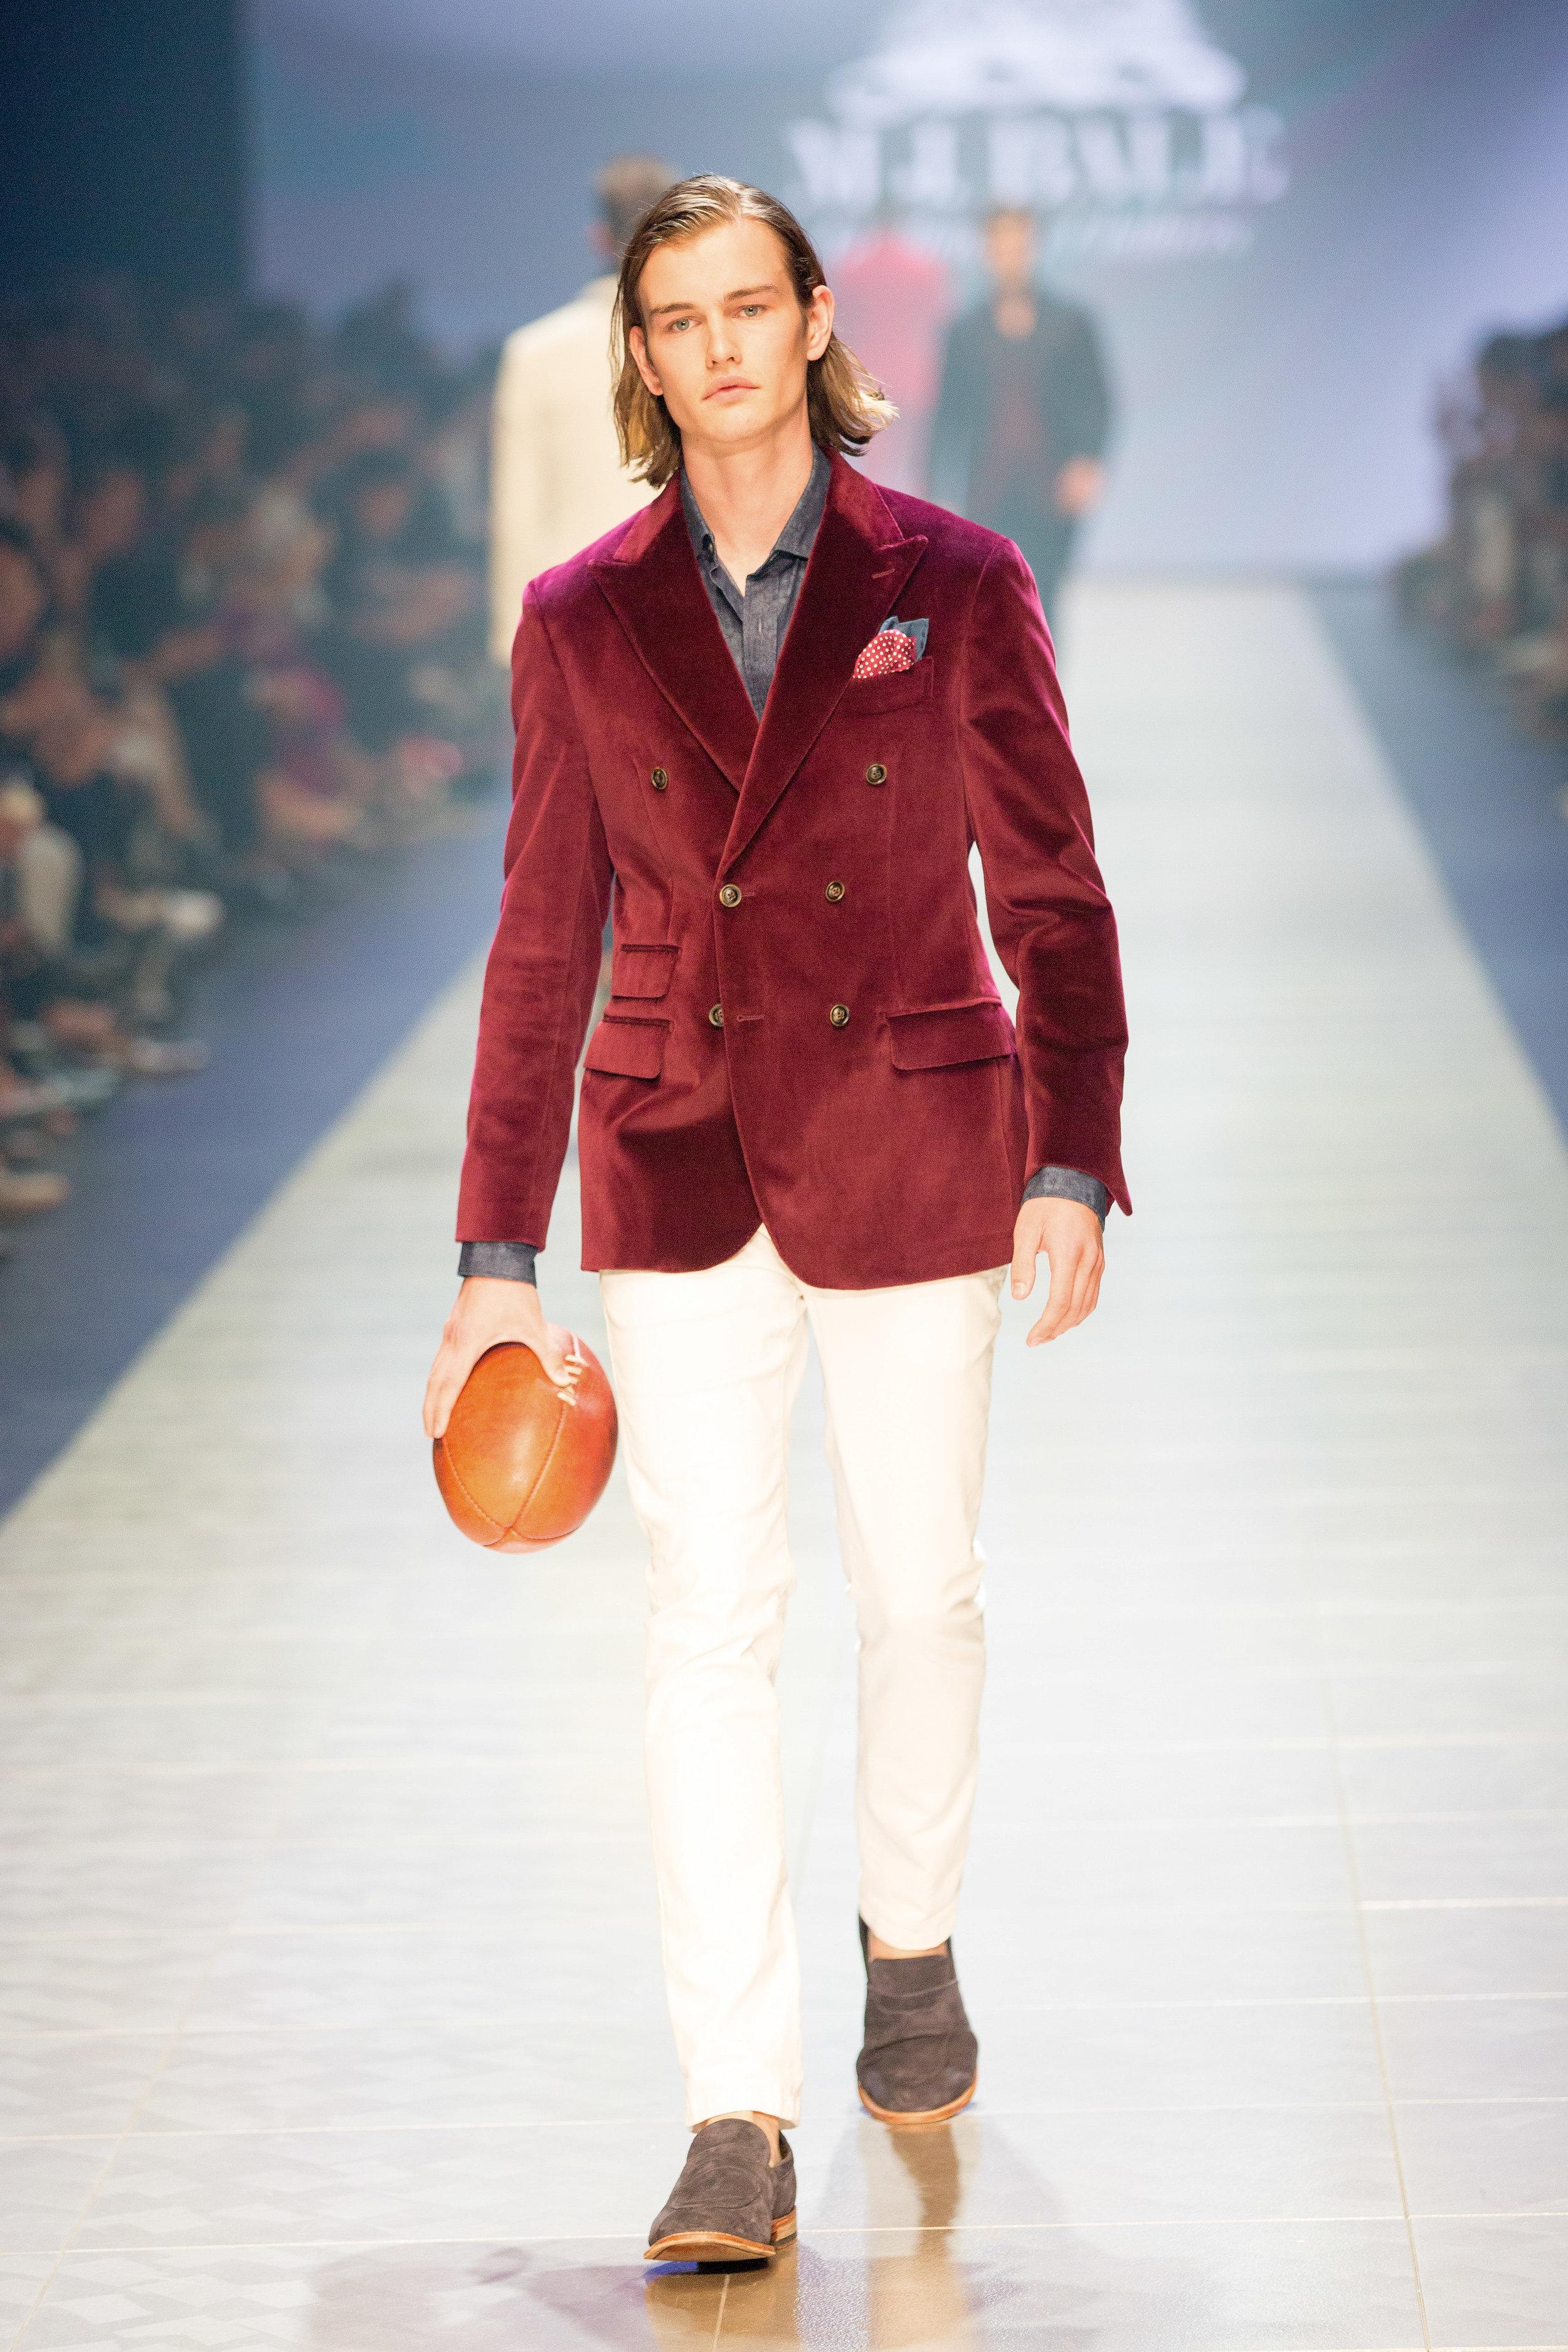 VAMFF2019_GQ Menswear-321.jpg